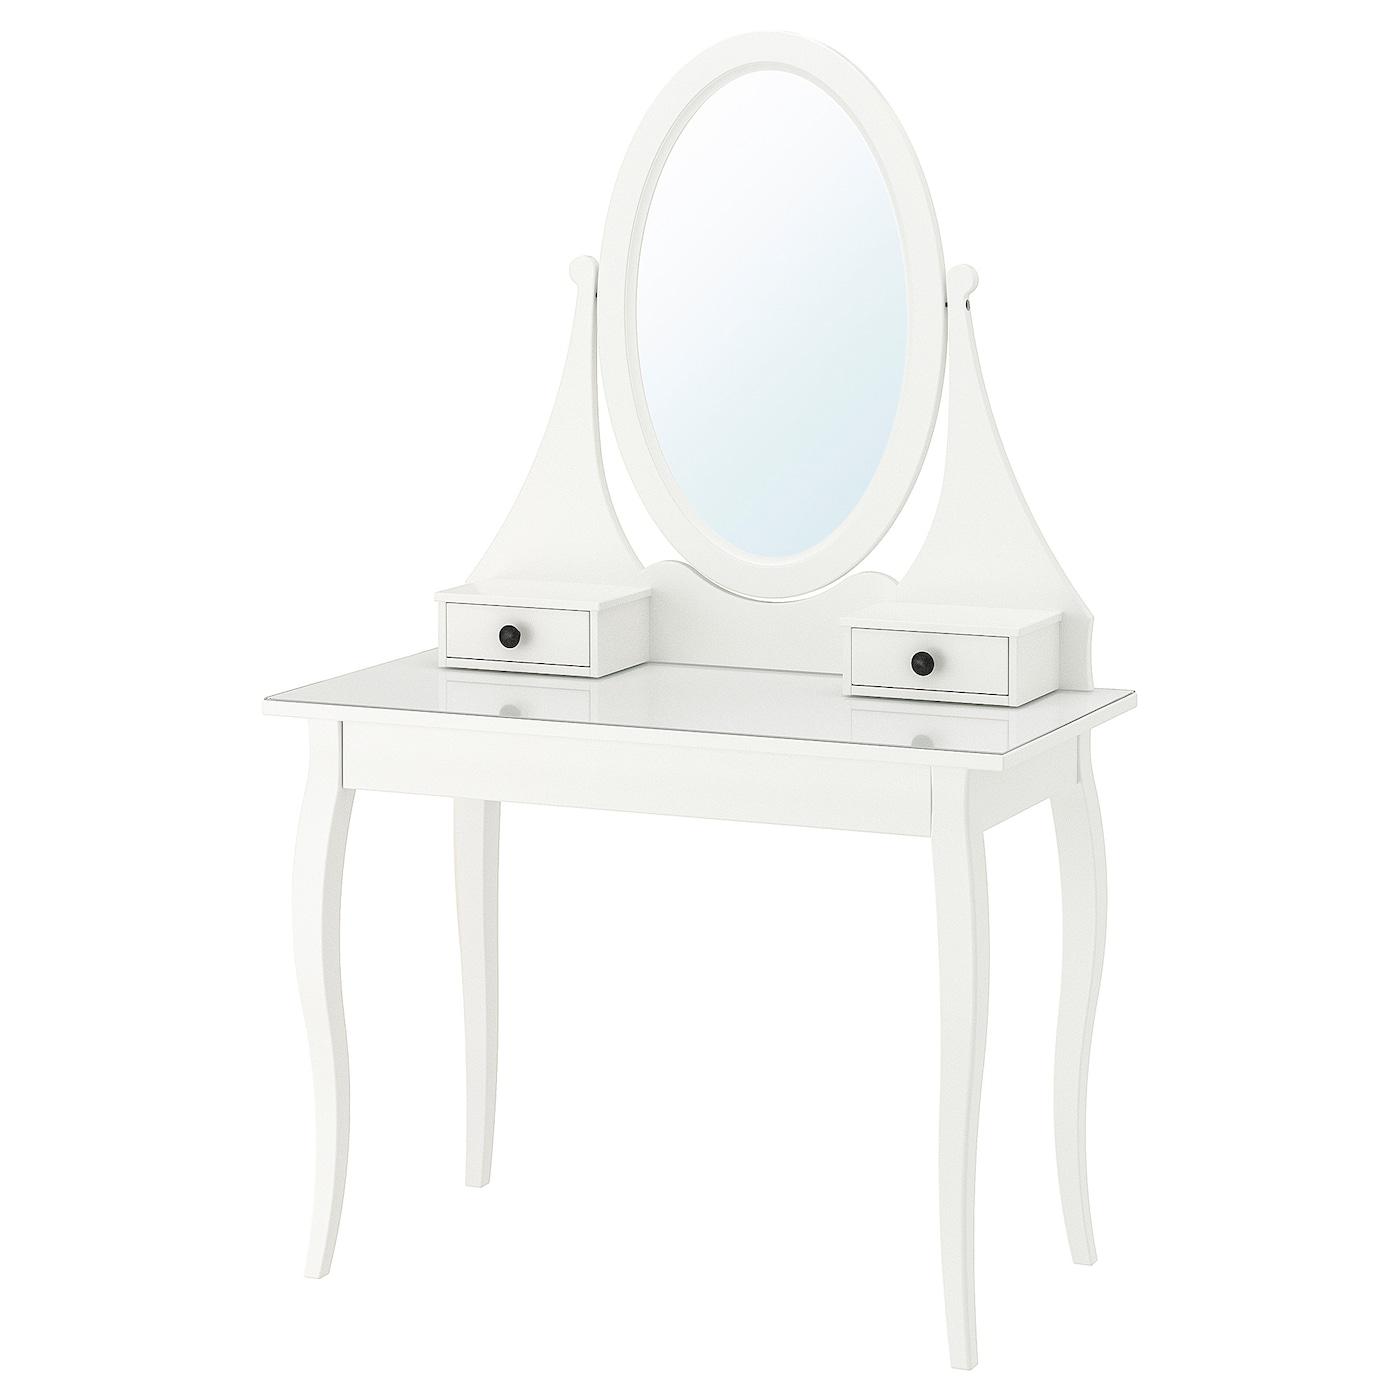 Kaptafel Spiegel Met Verlichting Ikea.Toilettafel Met Spiegel Hemnes Wit